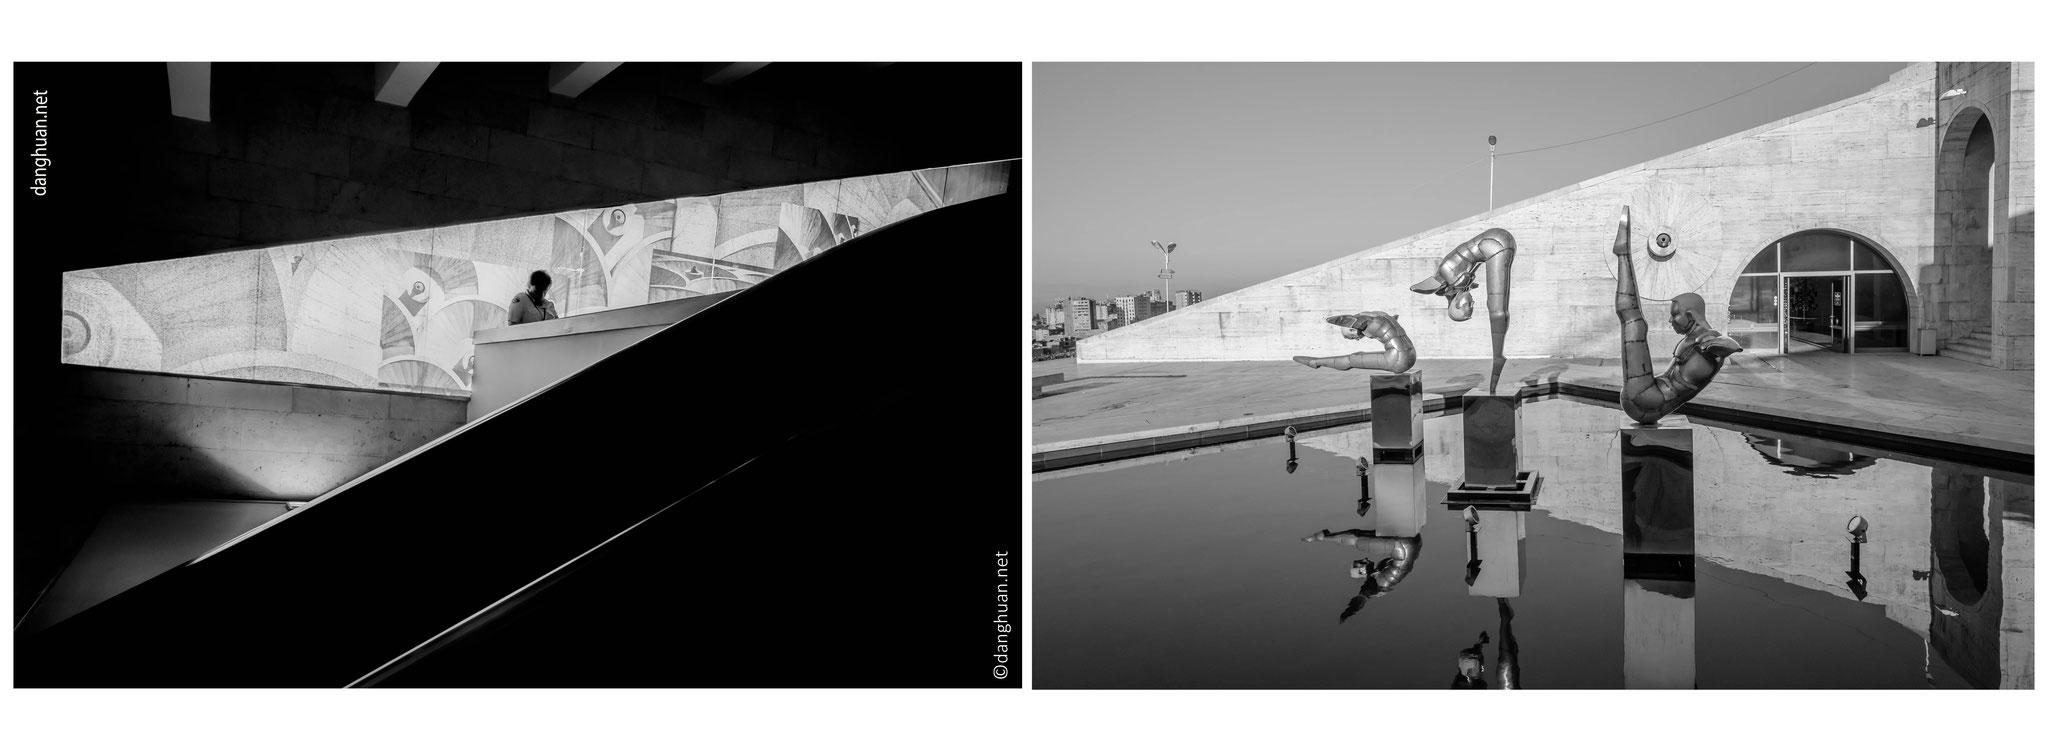 ... qui abrite depuis 2009 un centre d'art contemporain, le Cafesjian Center of Arts